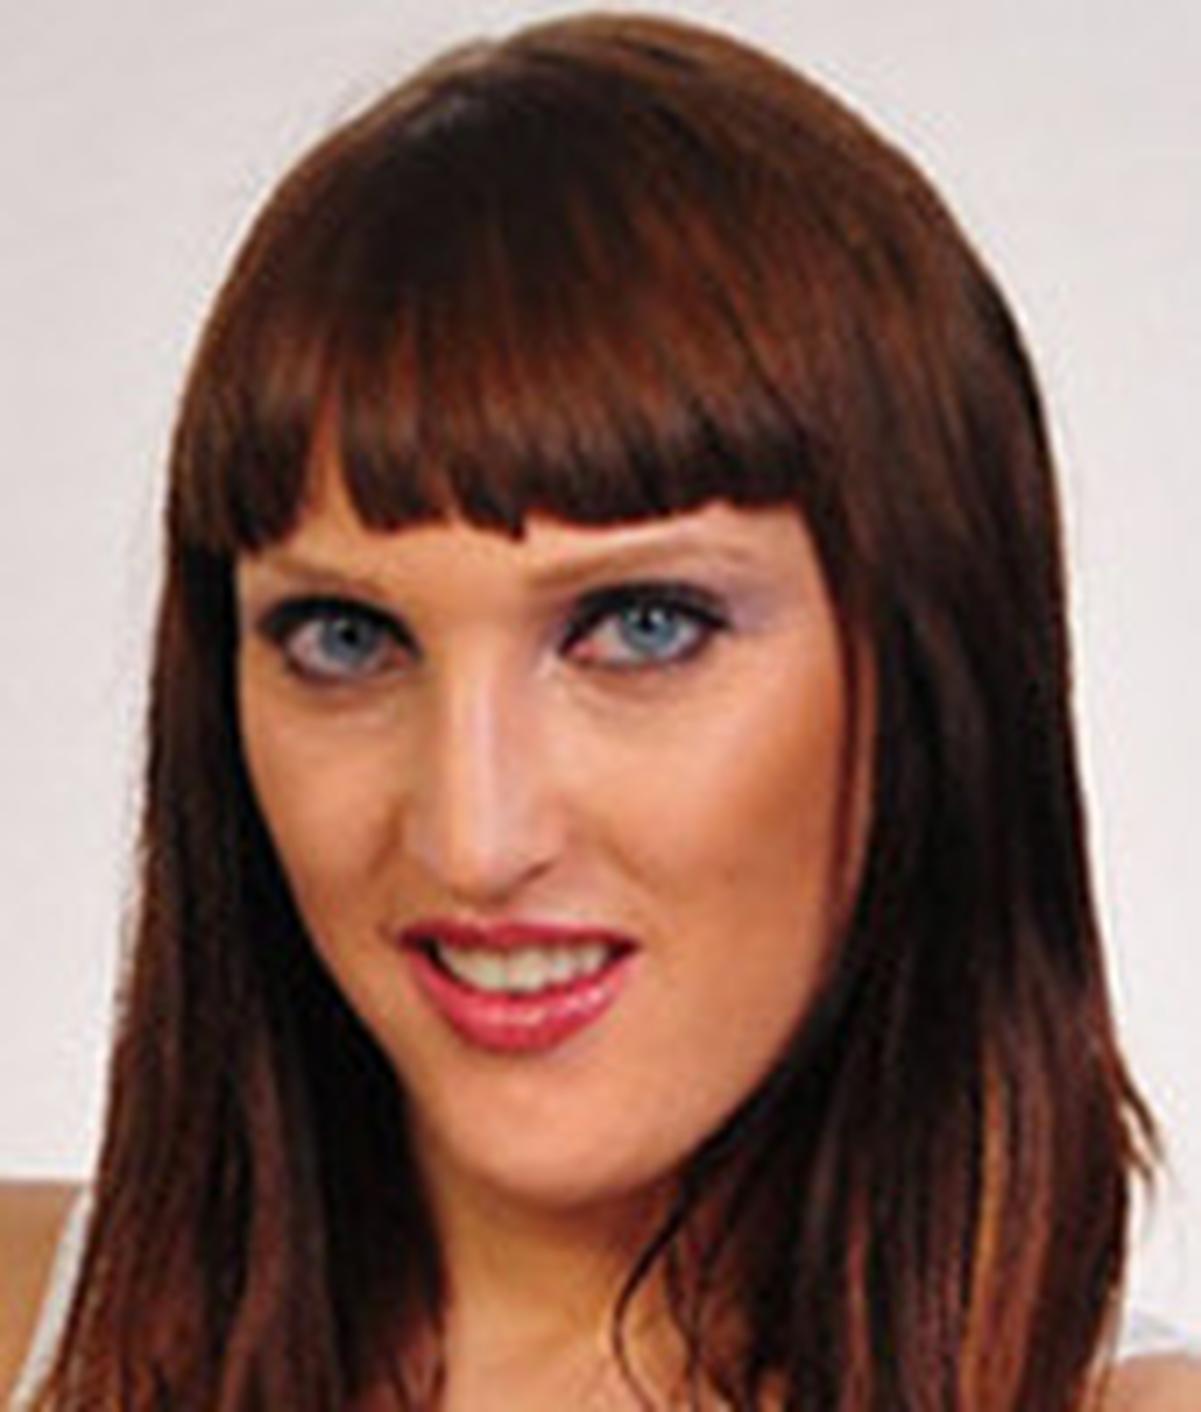 Paula Rowe